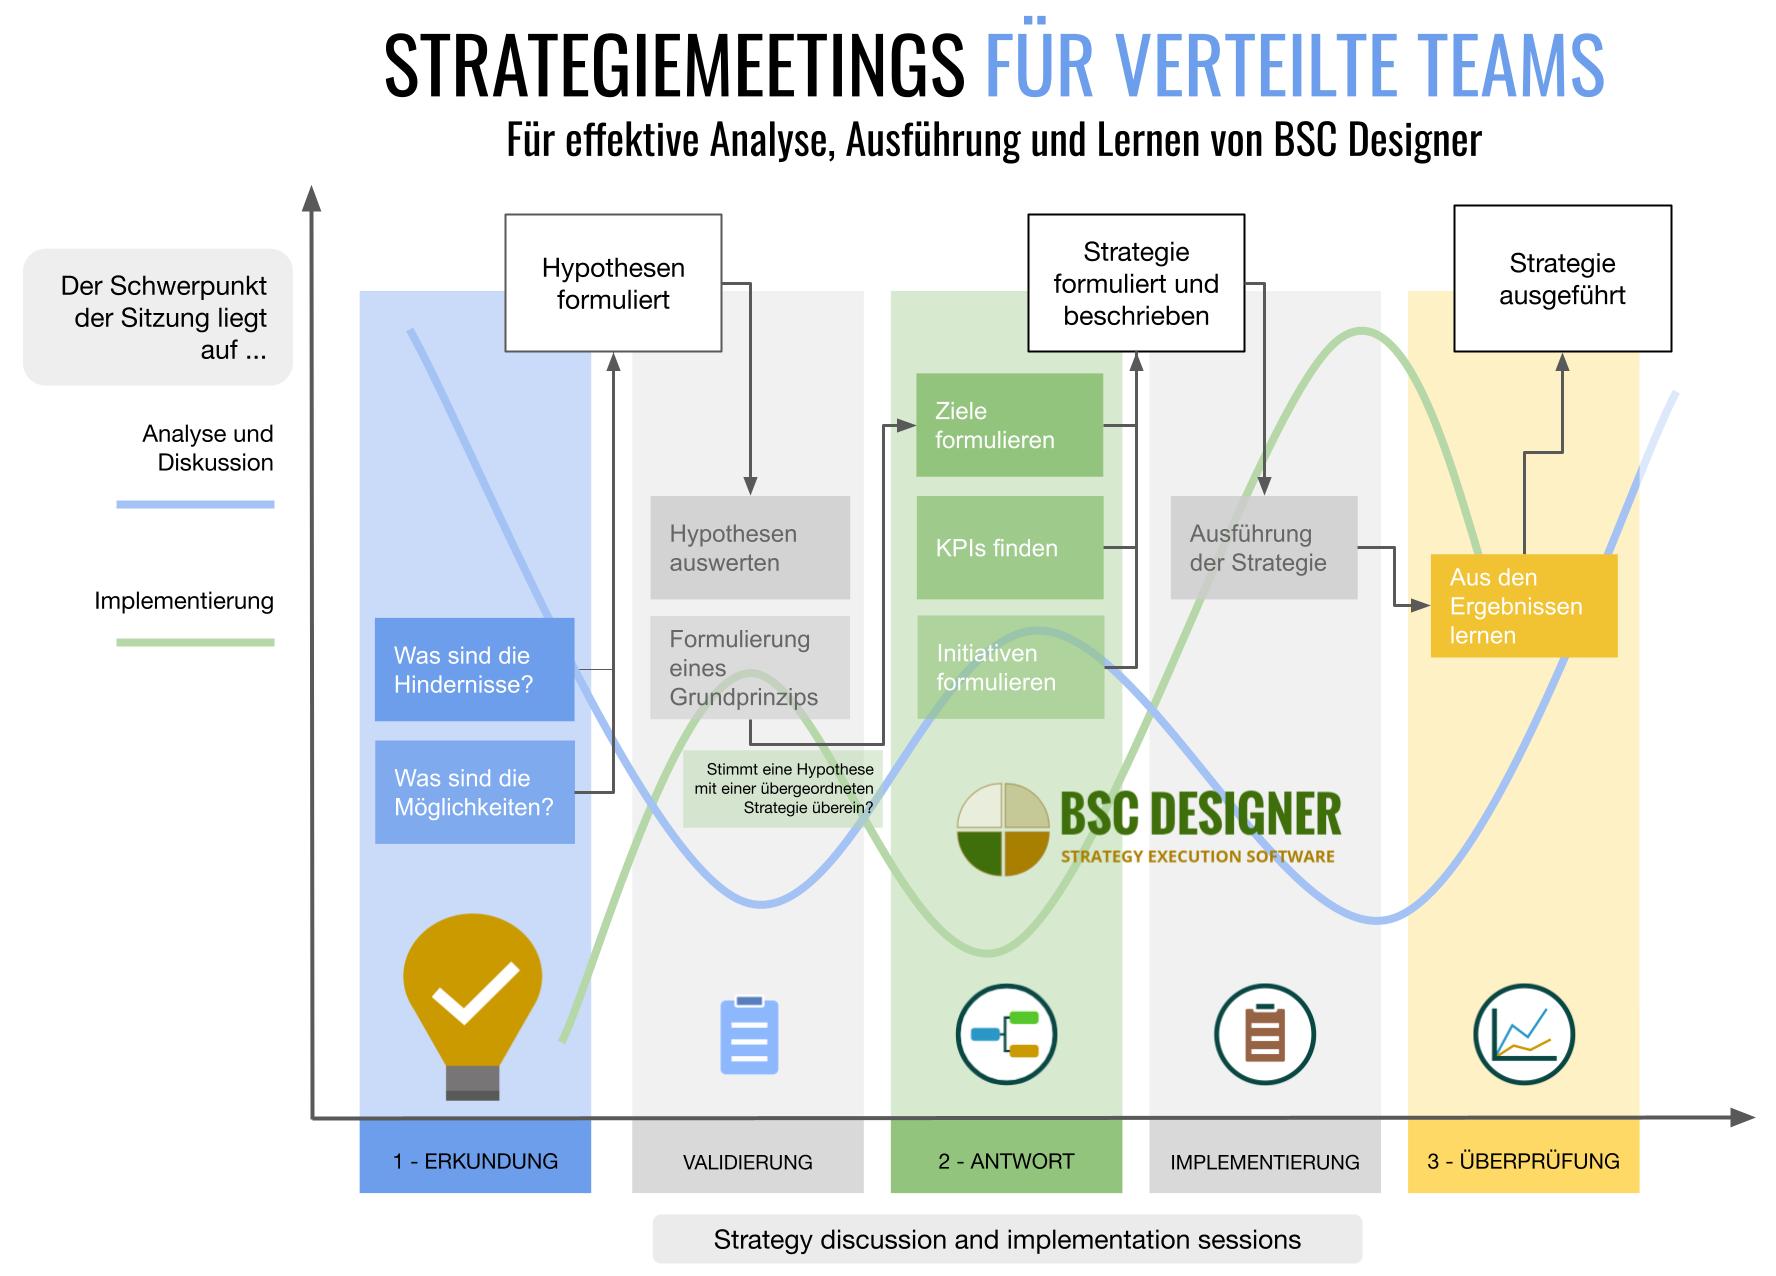 Drei Arten von Strategiesitzungen für verteilte Teams